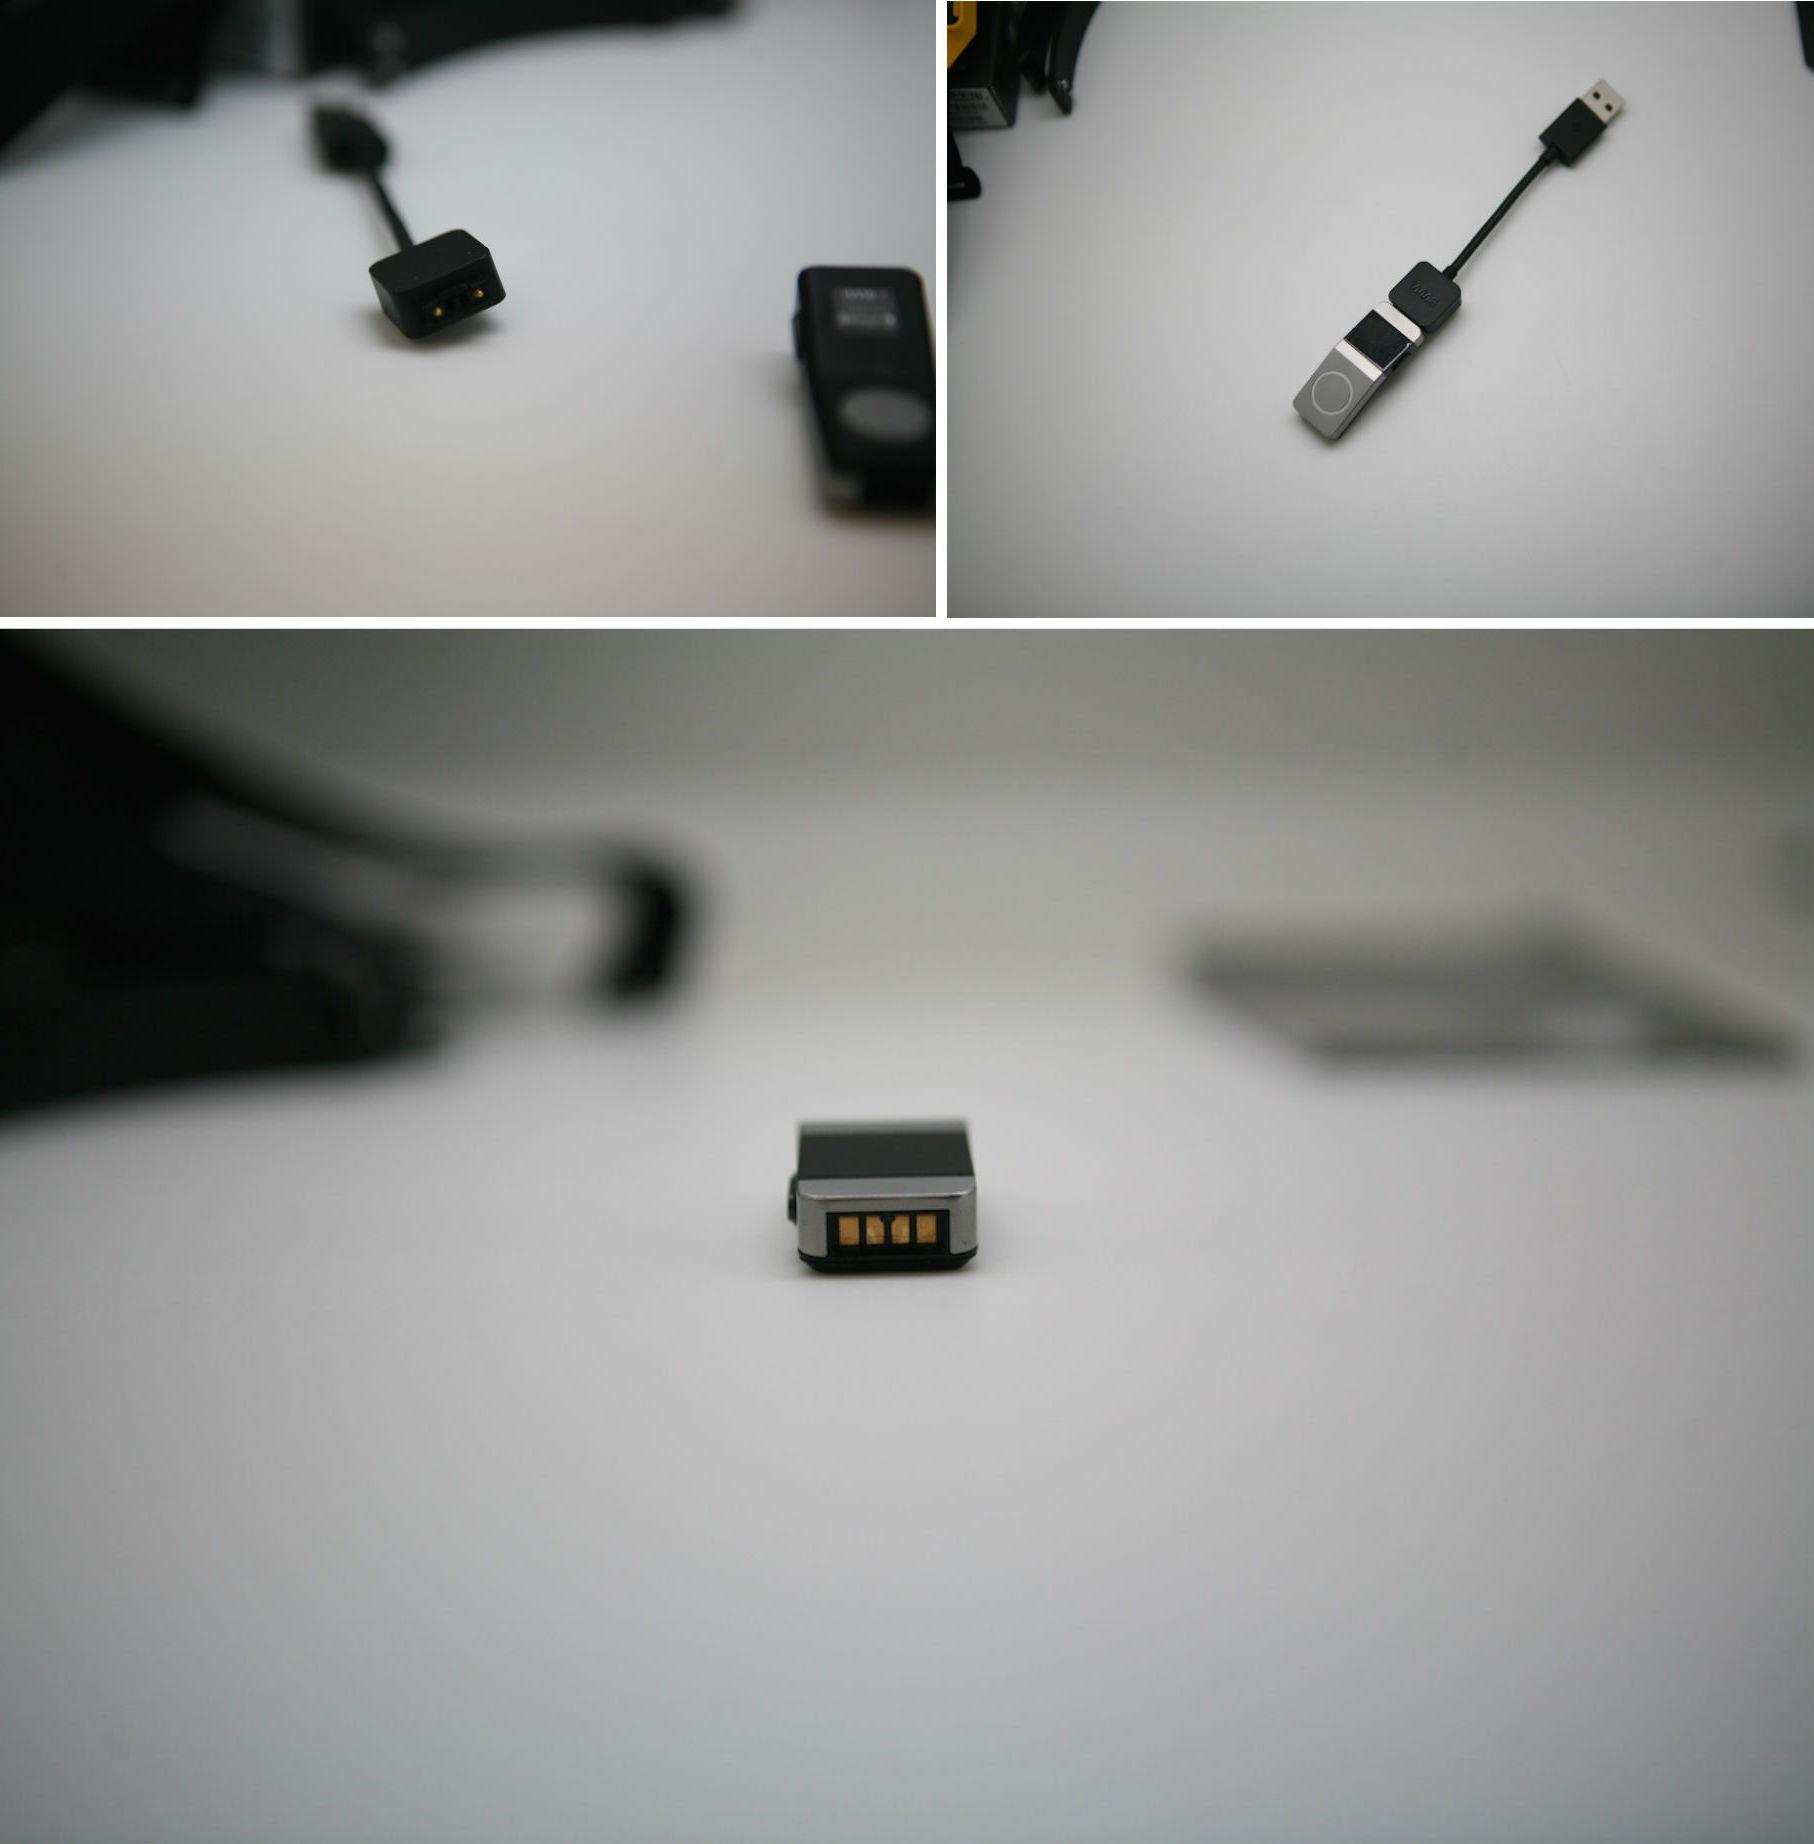 Обзор W-Me2 — первый трекер, который измеряет давление. А также пульс. И записывает ЭКГ - 3